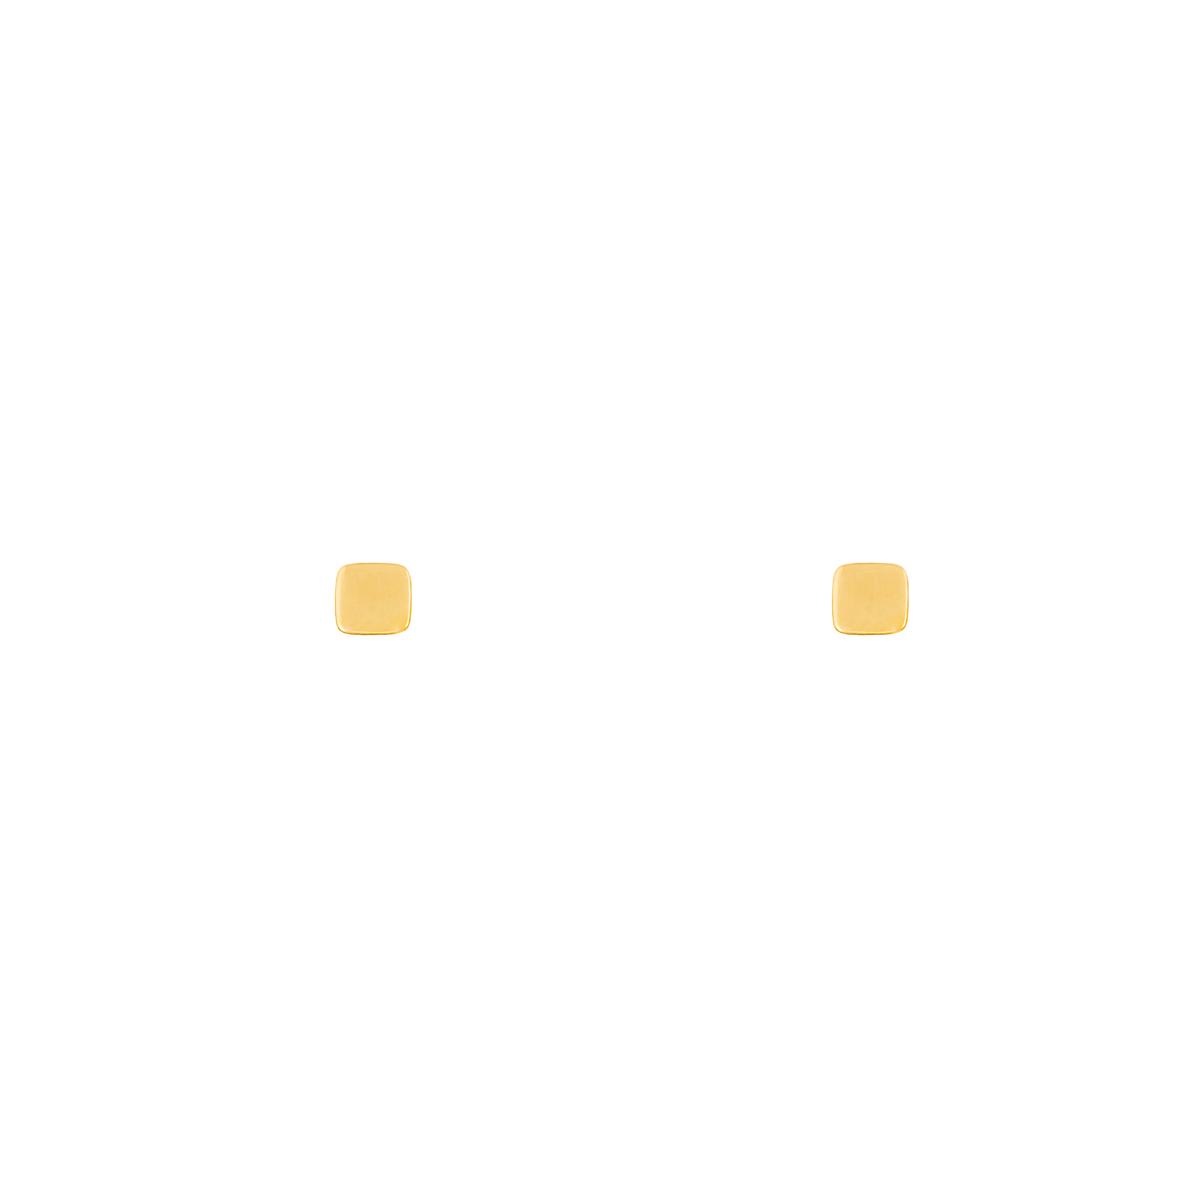 گوشواره طلا مربع کوچک